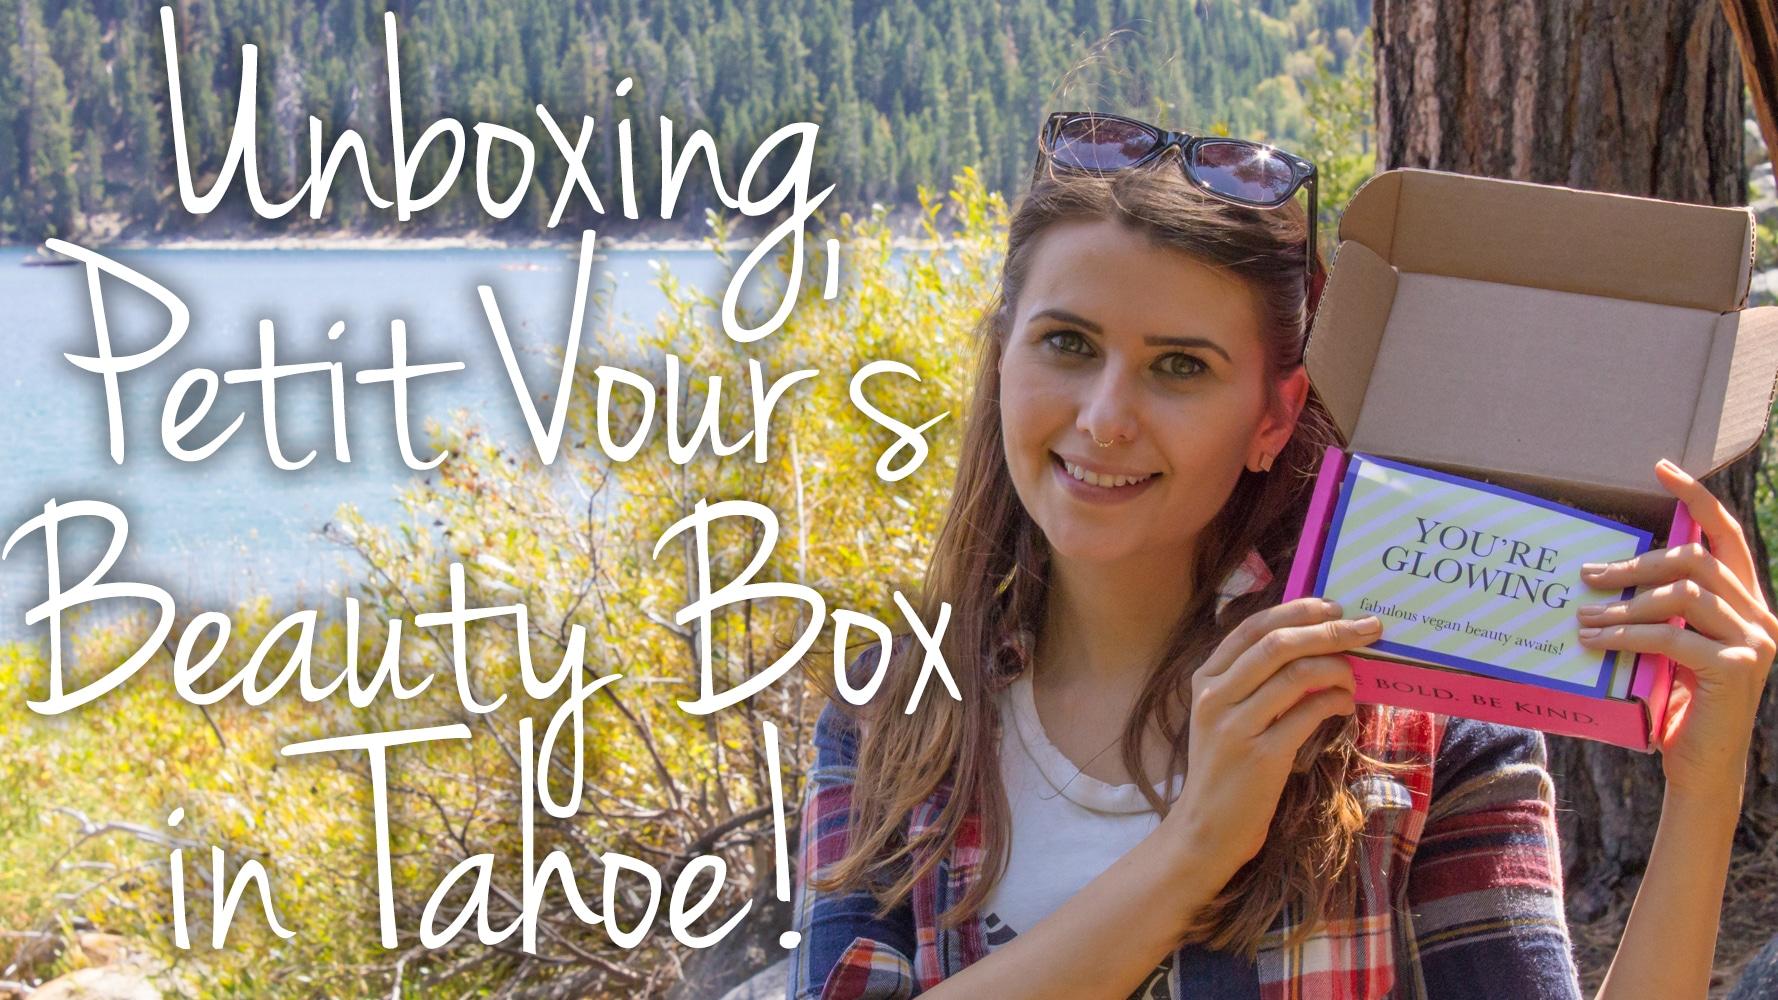 Petit Vour August 2015 Beauty Box Video